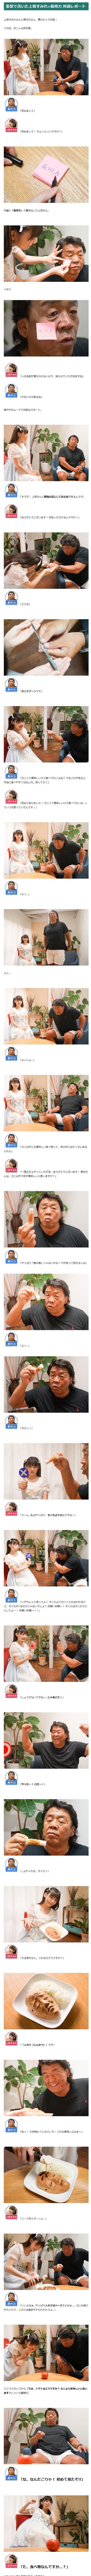 上坂すみれ 長州力 対談に関連した画像-03